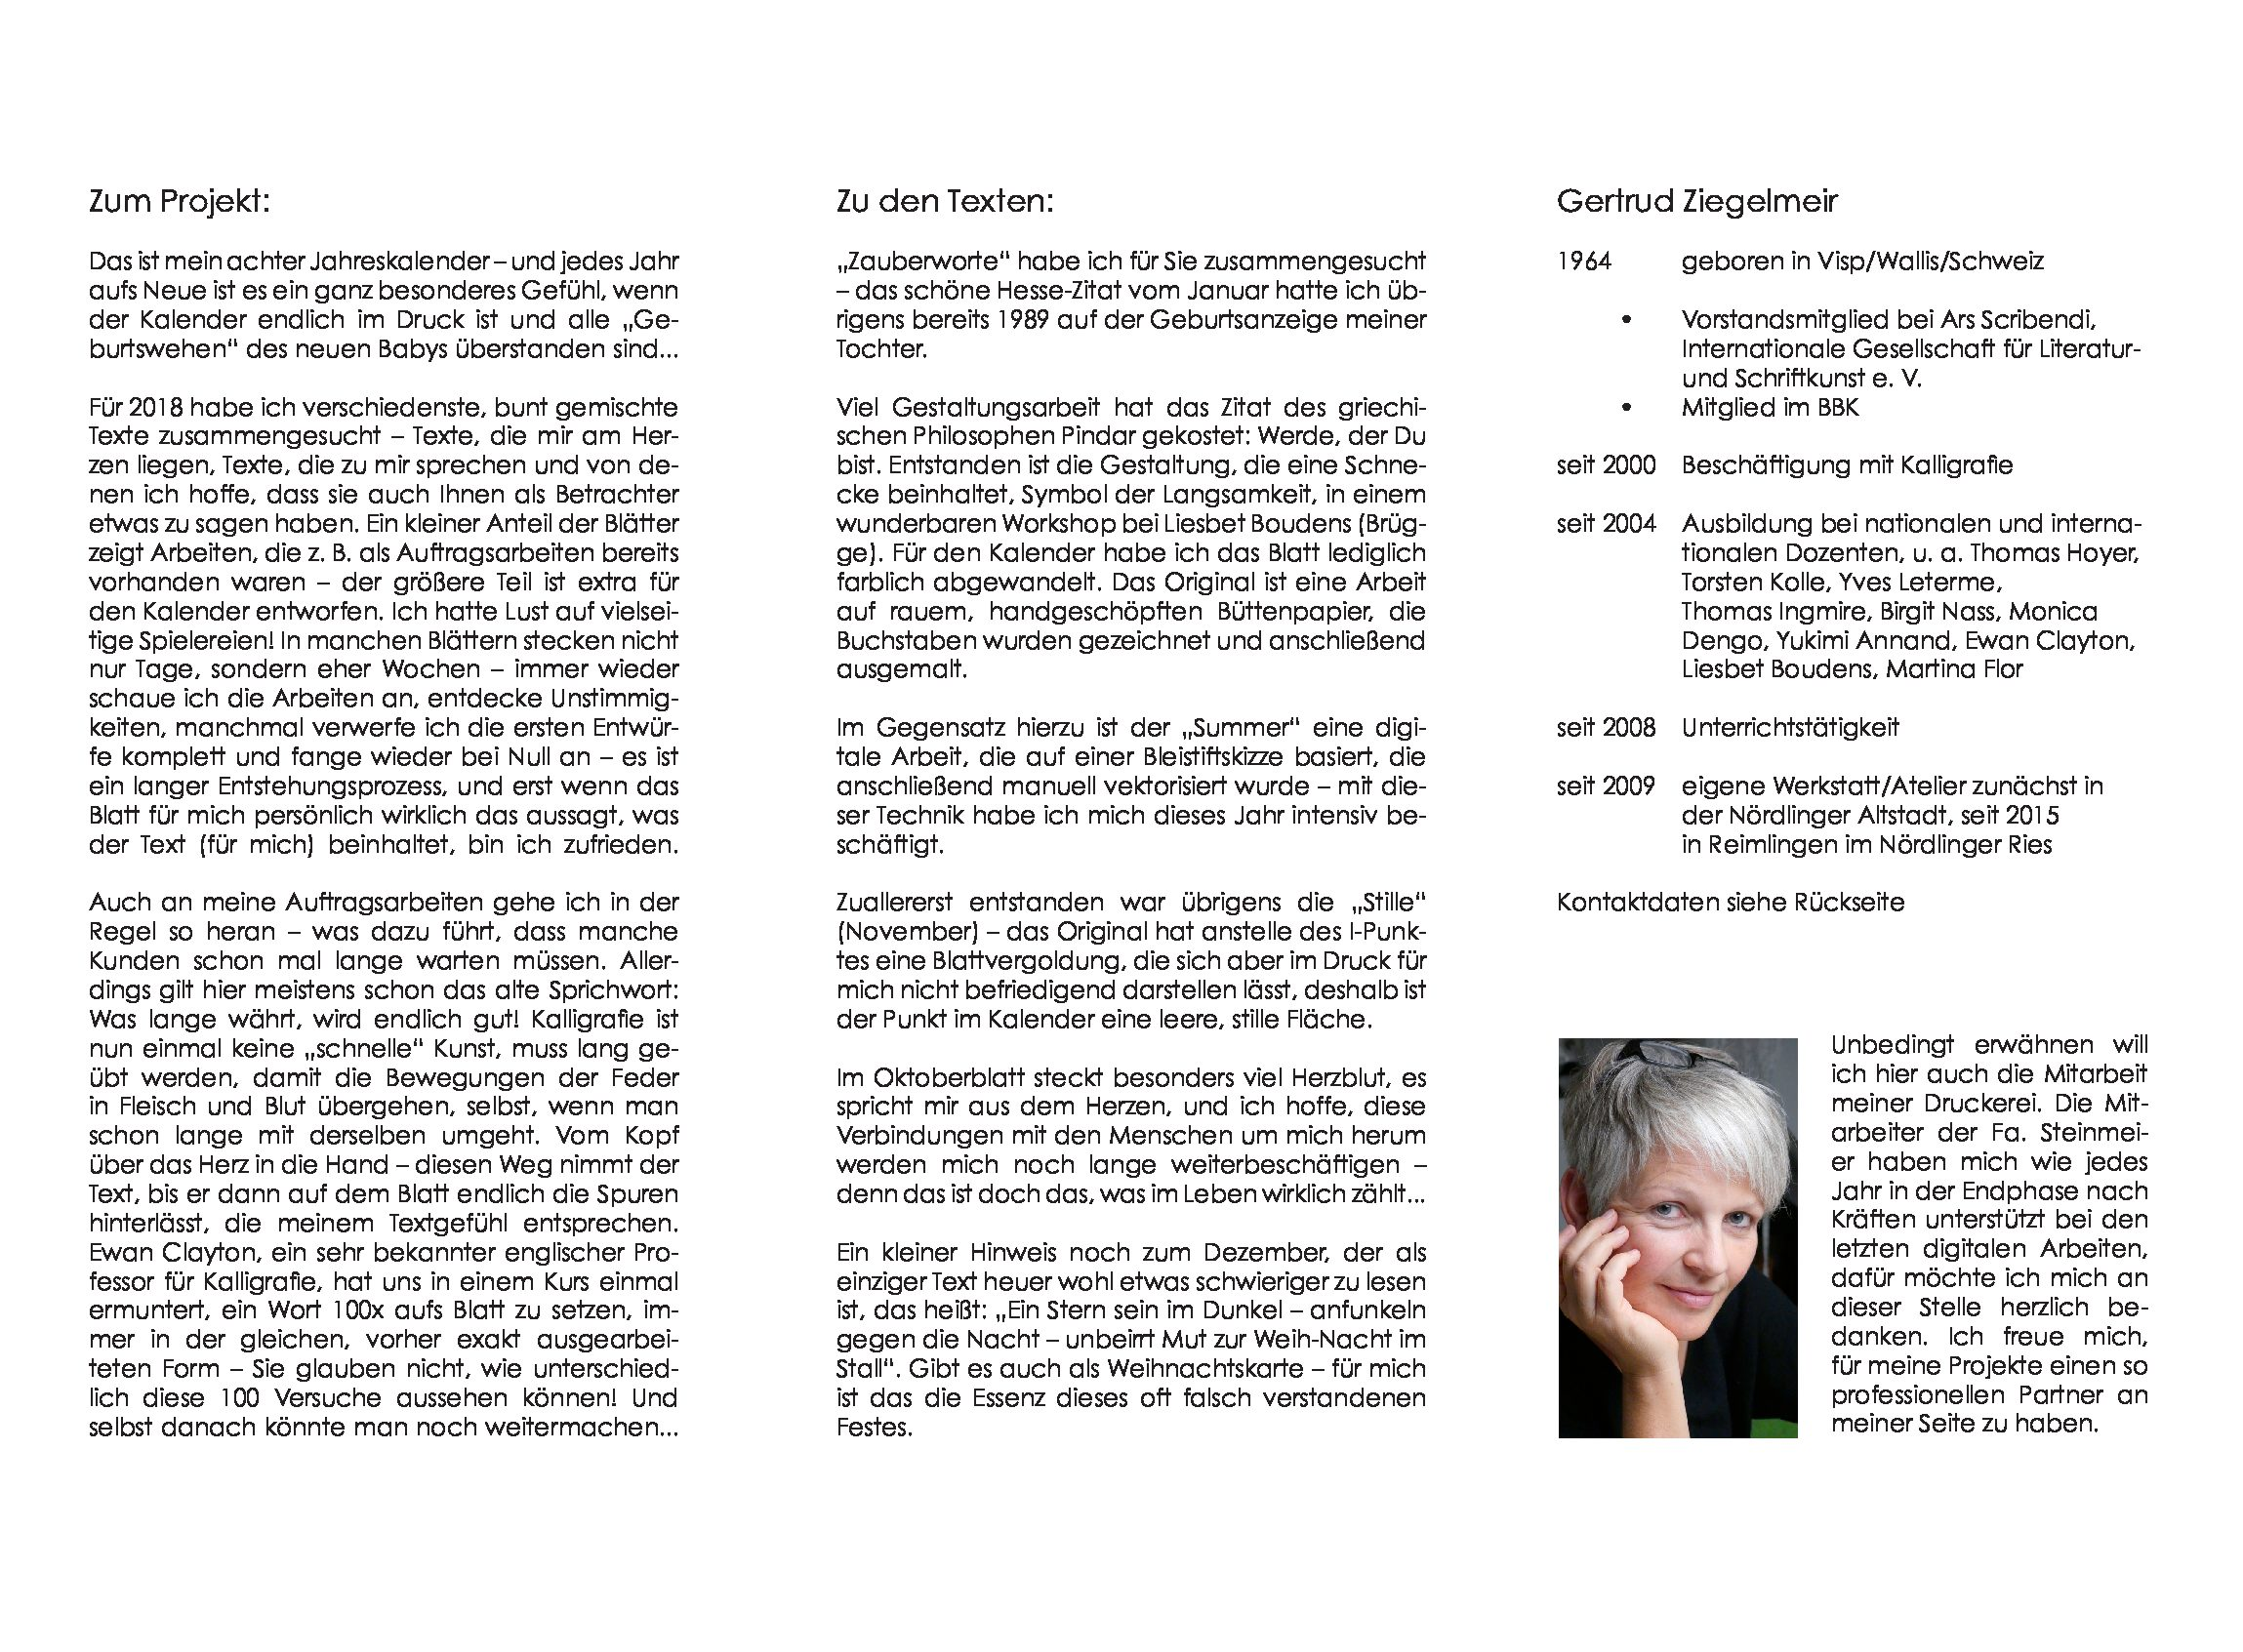 16 Textblatt pdf